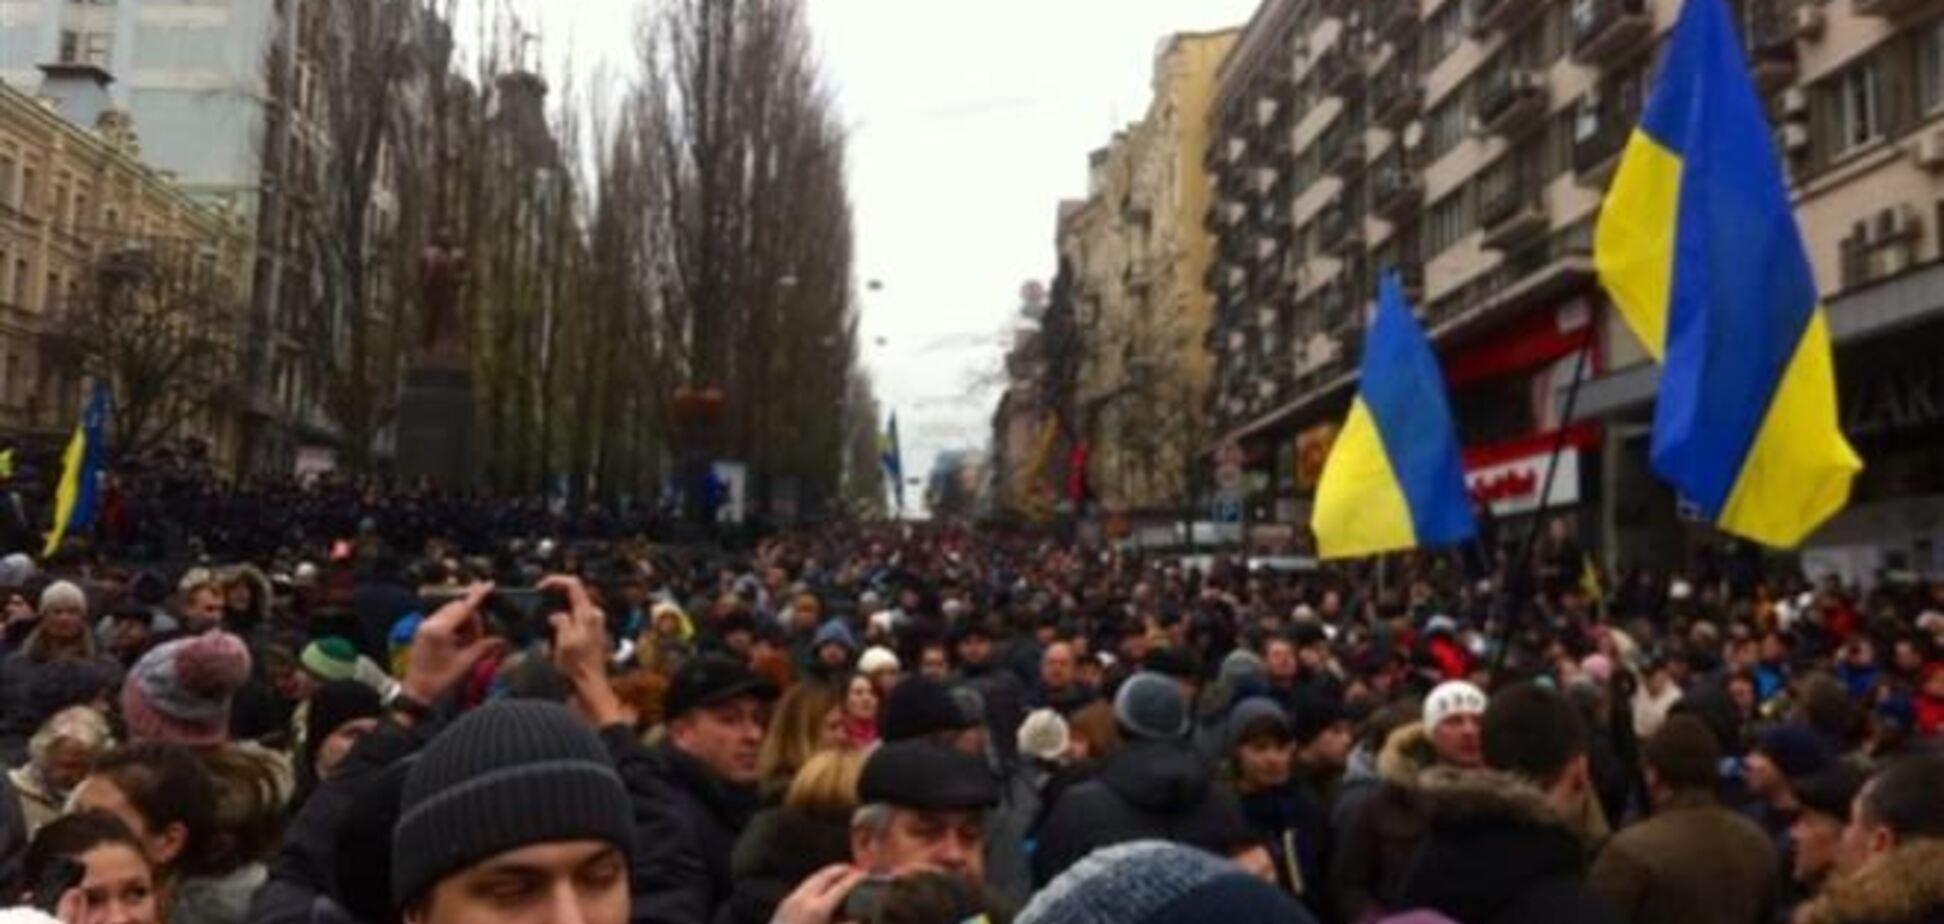 Оппозиция насчитала в центре Киева 500 тысяч митингующих